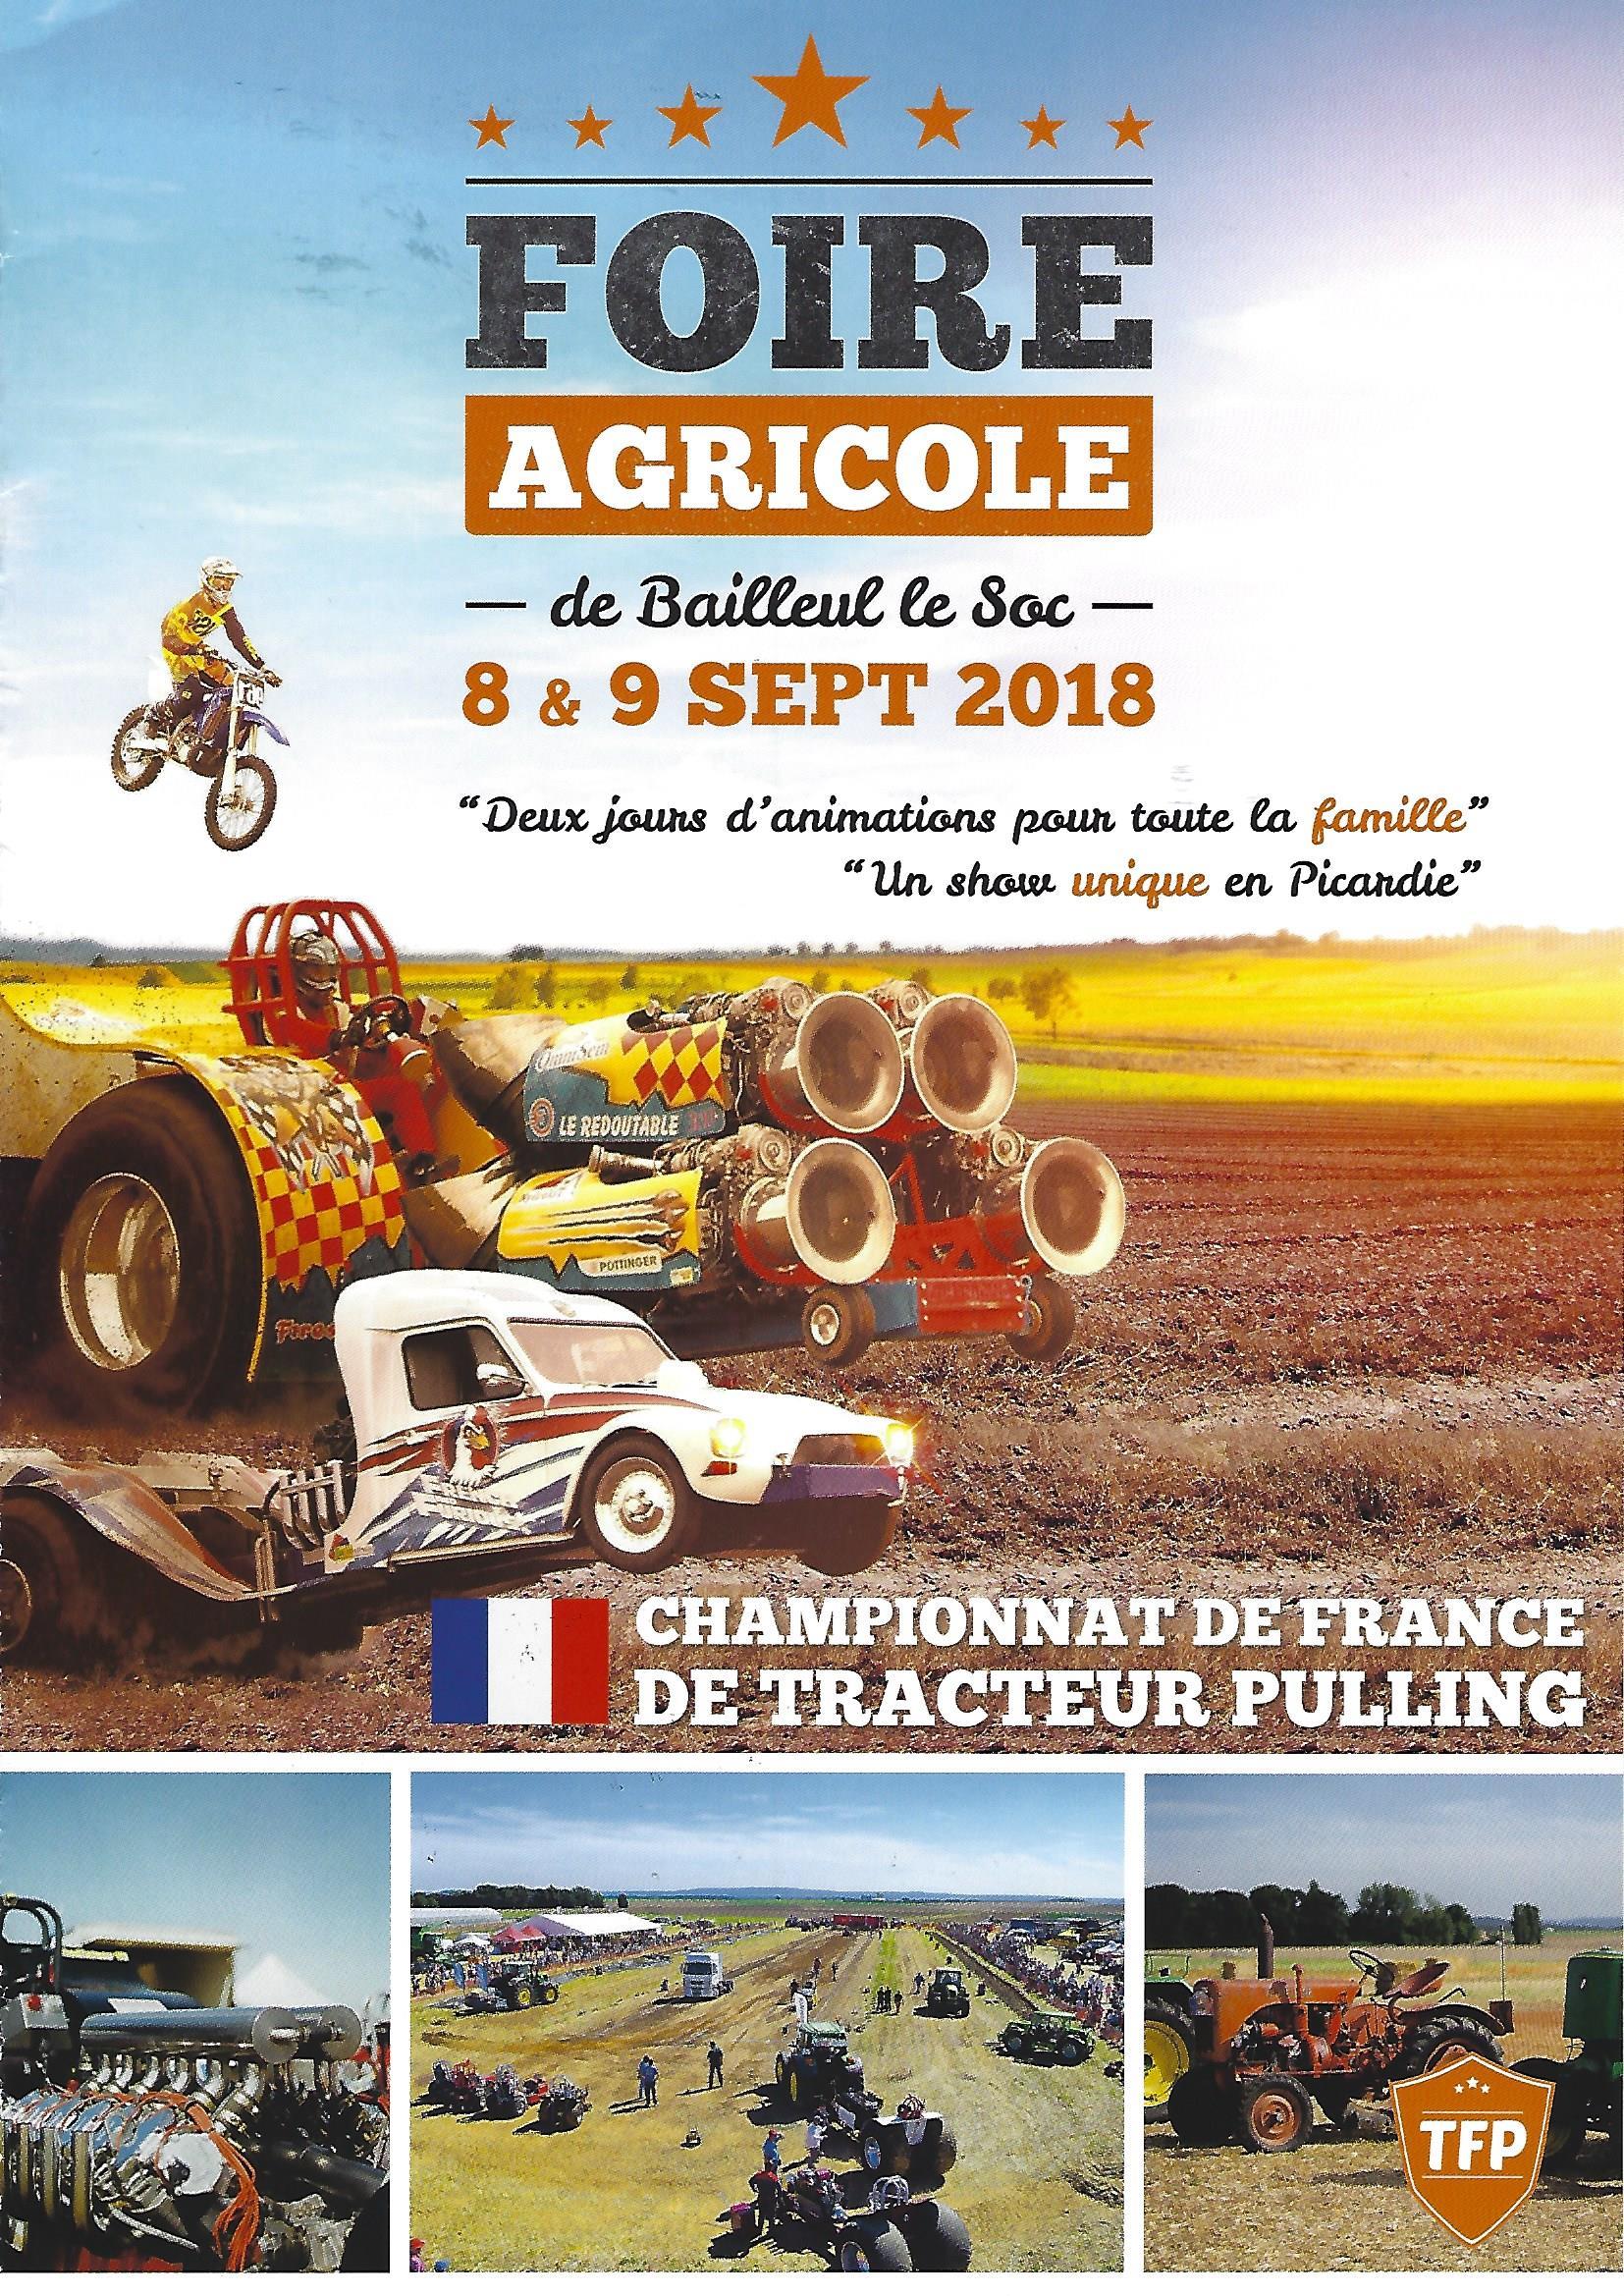 Foire Agricole de Bailleul-le-Soc 08 et 09 Septembre